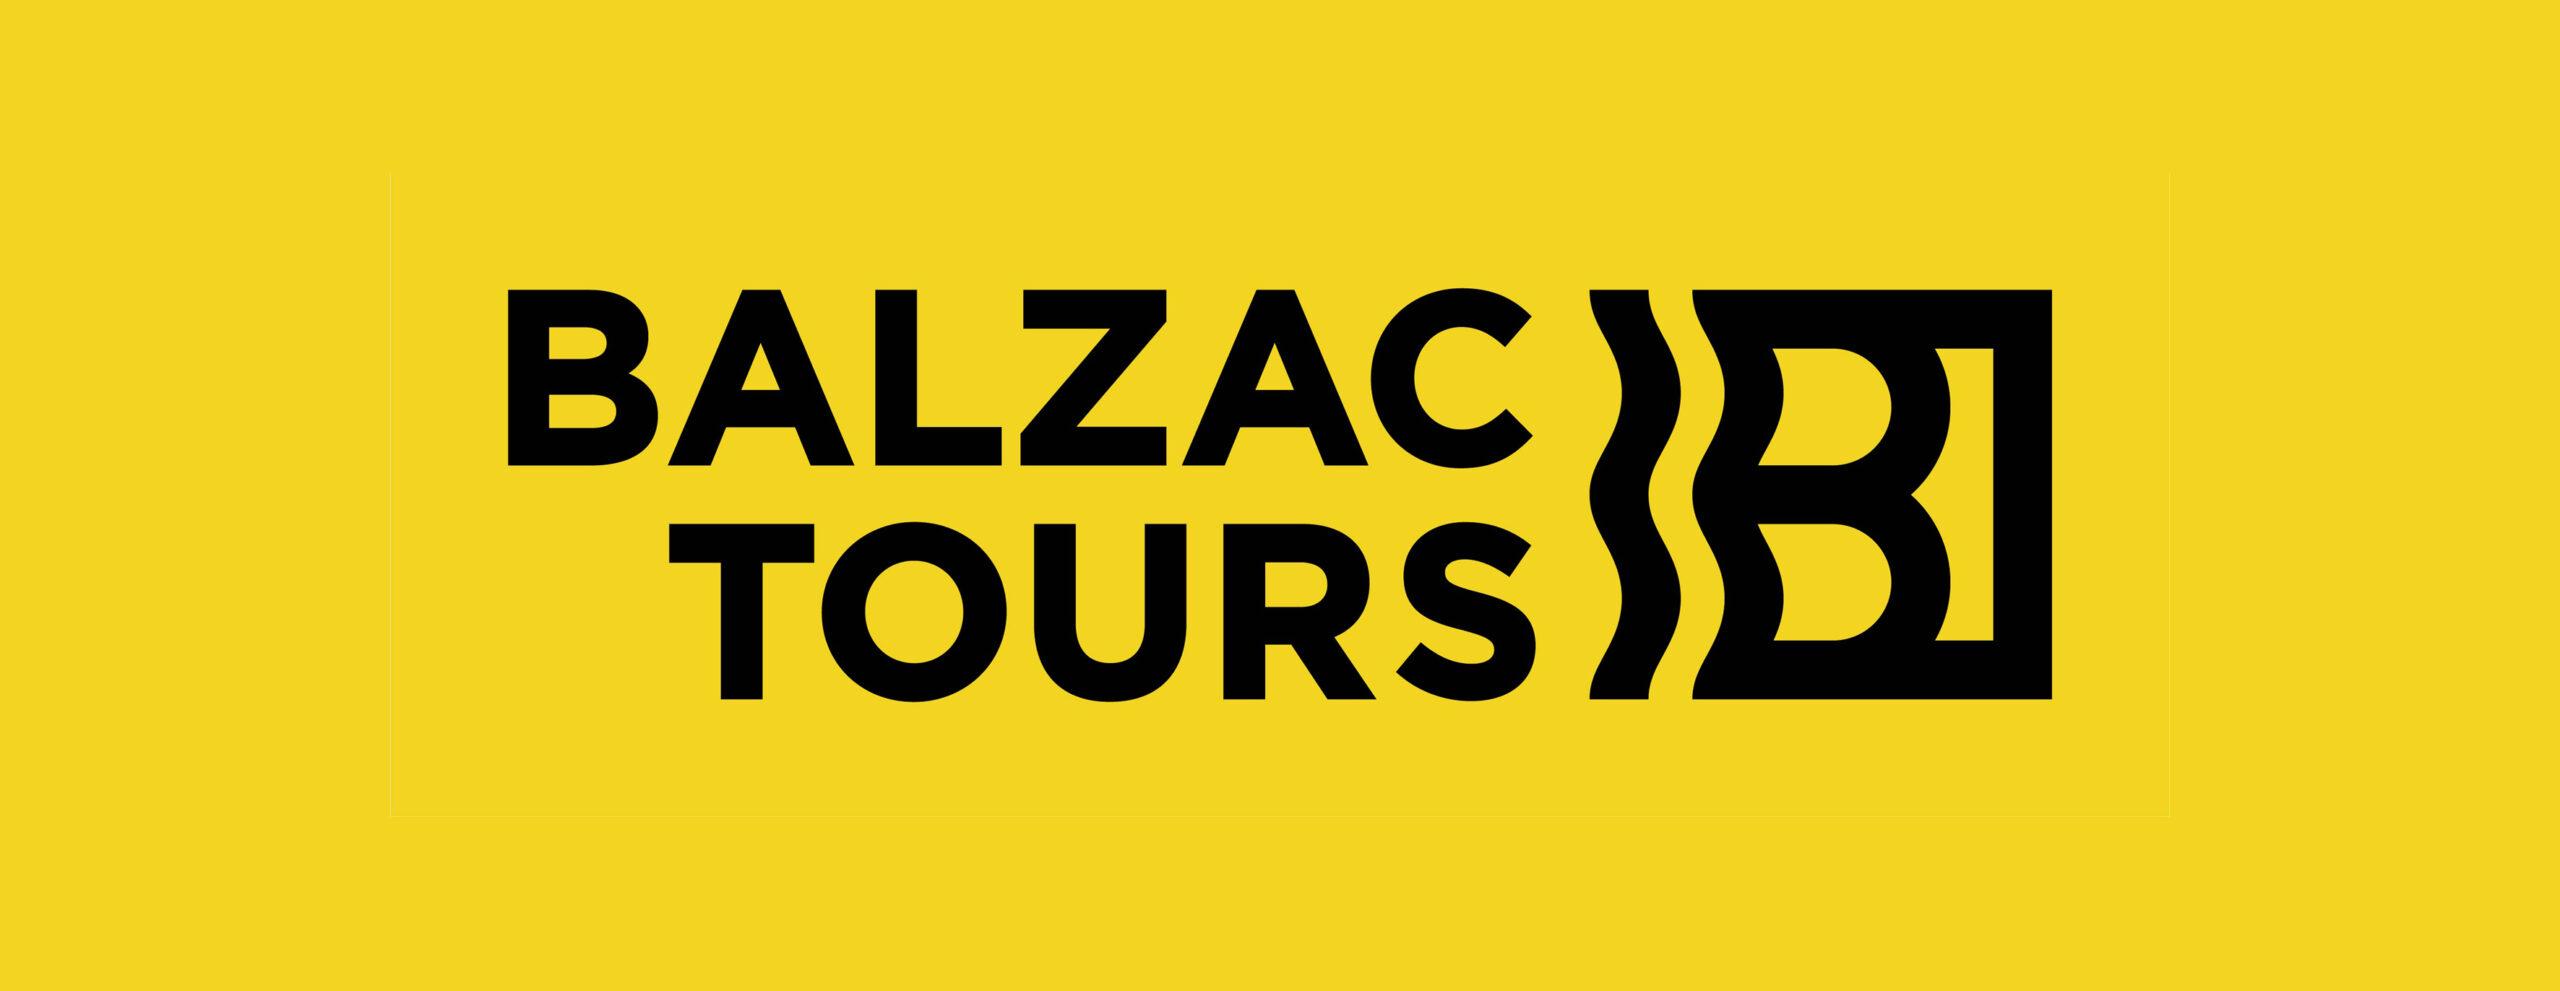 Blazac Tours Vikiu design